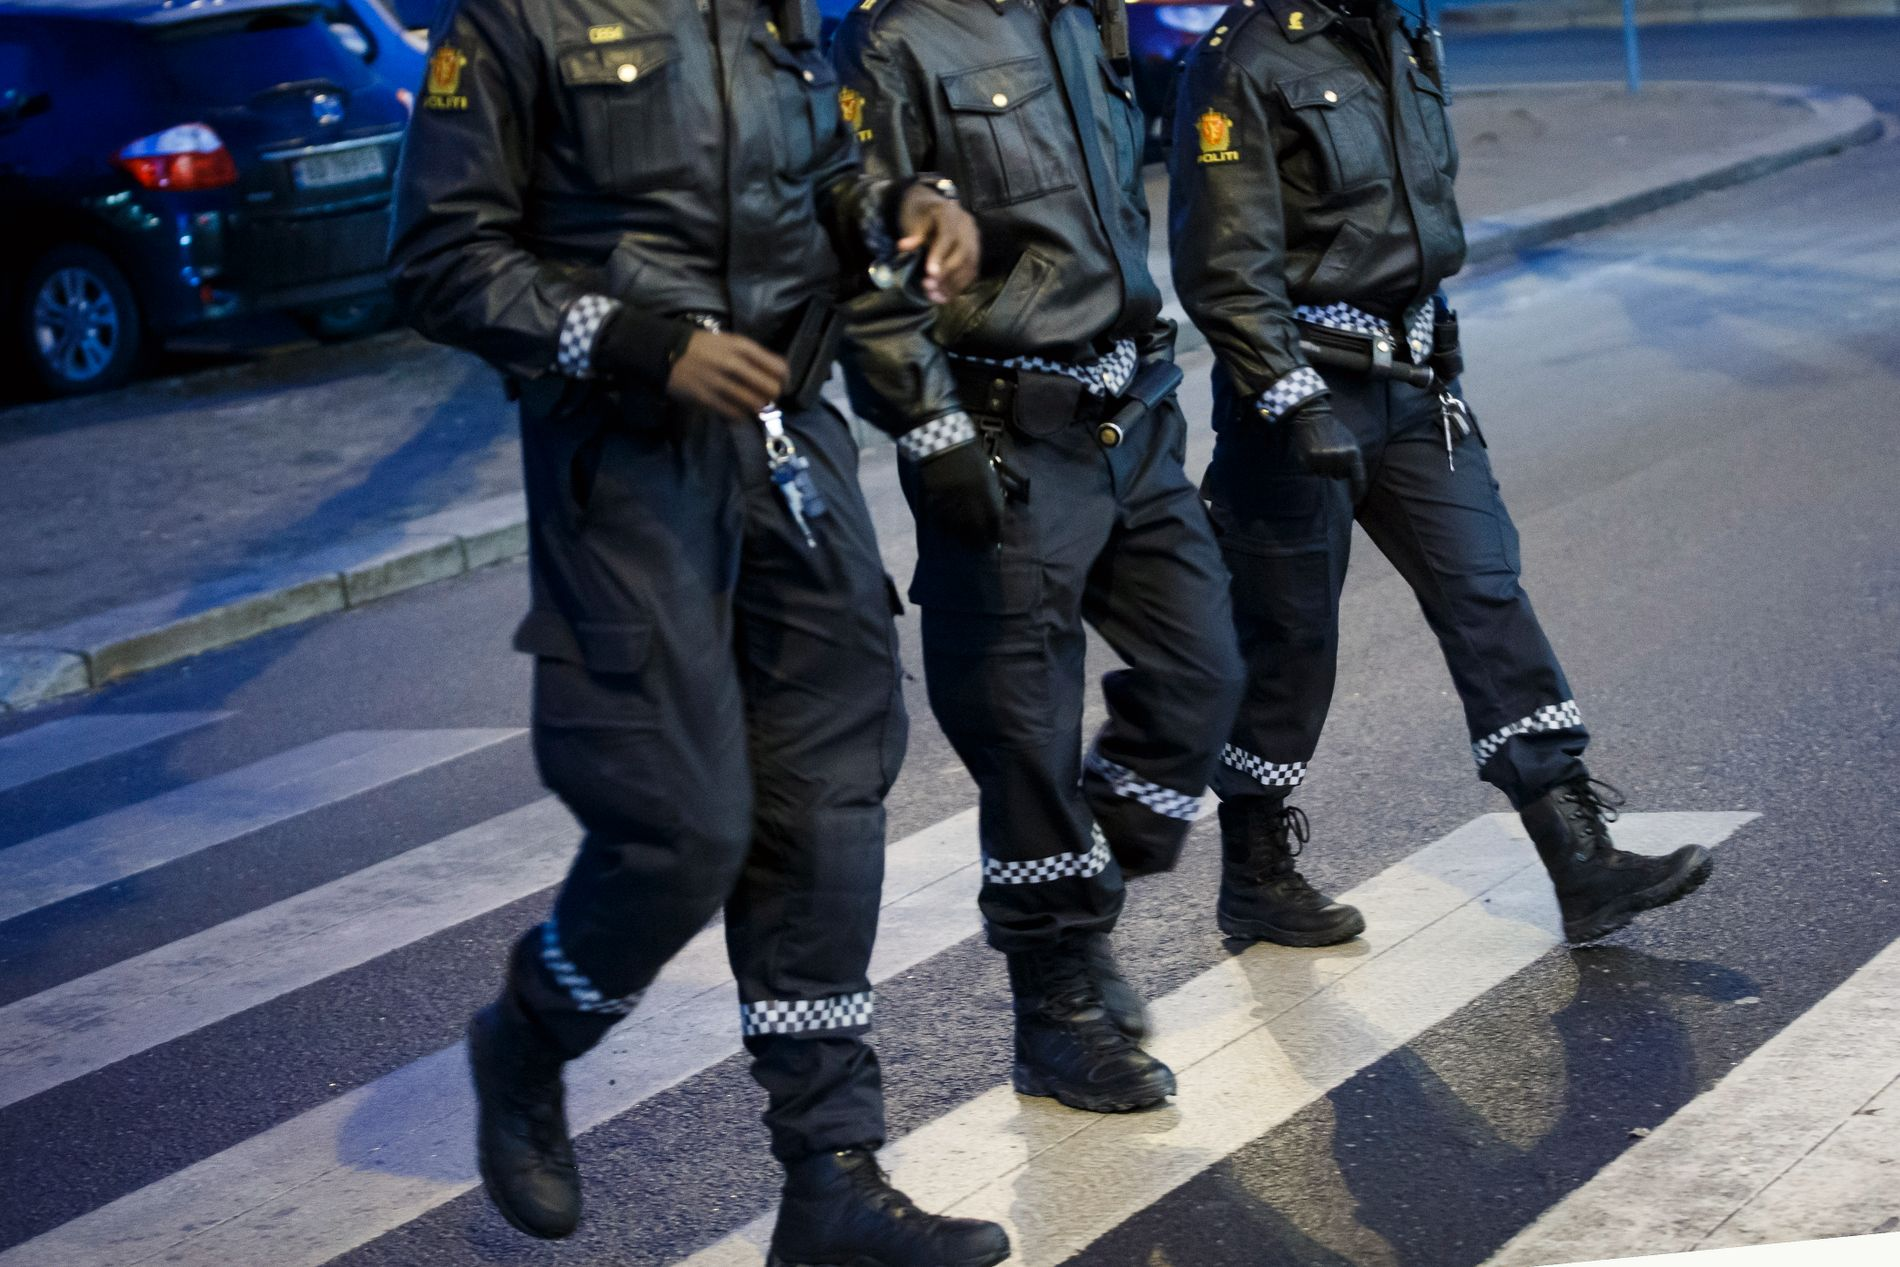 MANGE MENN: Dagens ledergrupper i politiet er for ensformige, tross ambisiøse målsettinger om 40 prosent kvinnelige ledere, skriver Tatjana Knappen.